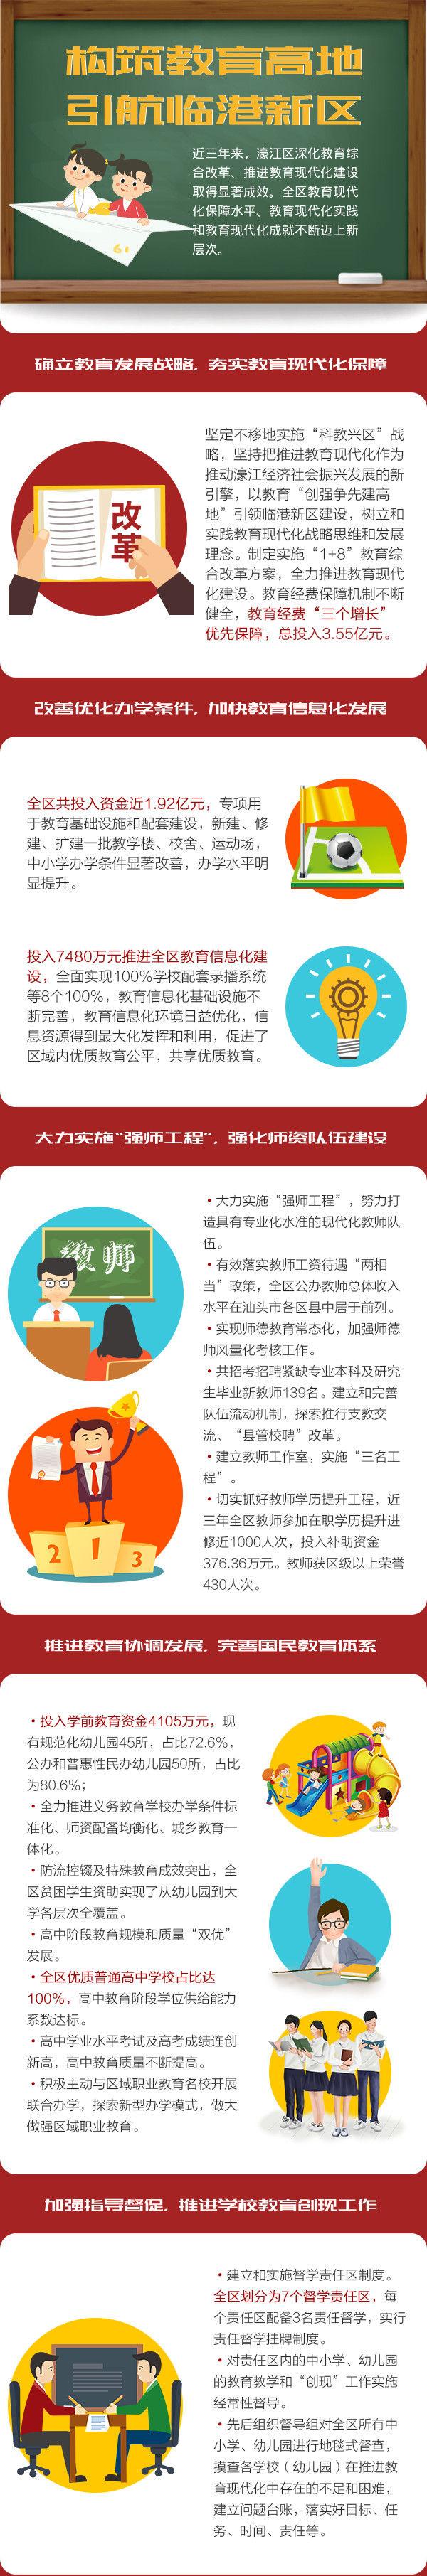 """一图读懂丨濠江冲刺教育""""创现""""!"""